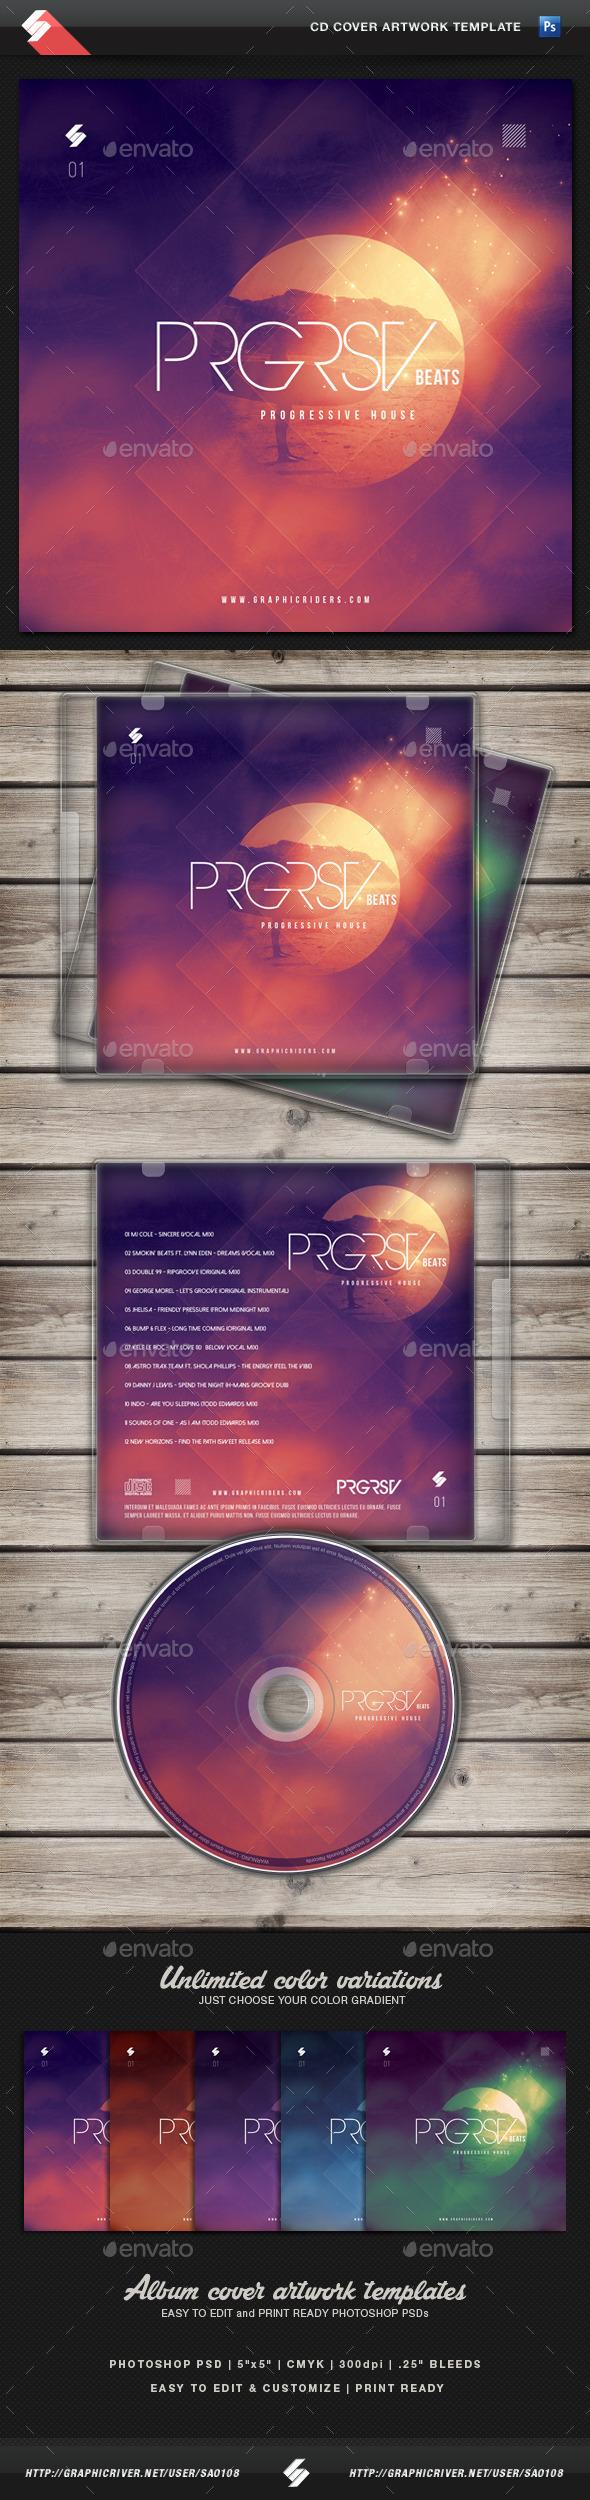 Progressive Beats vol1 - CD Cover Artwork Template - CD & DVD Artwork Print Templates